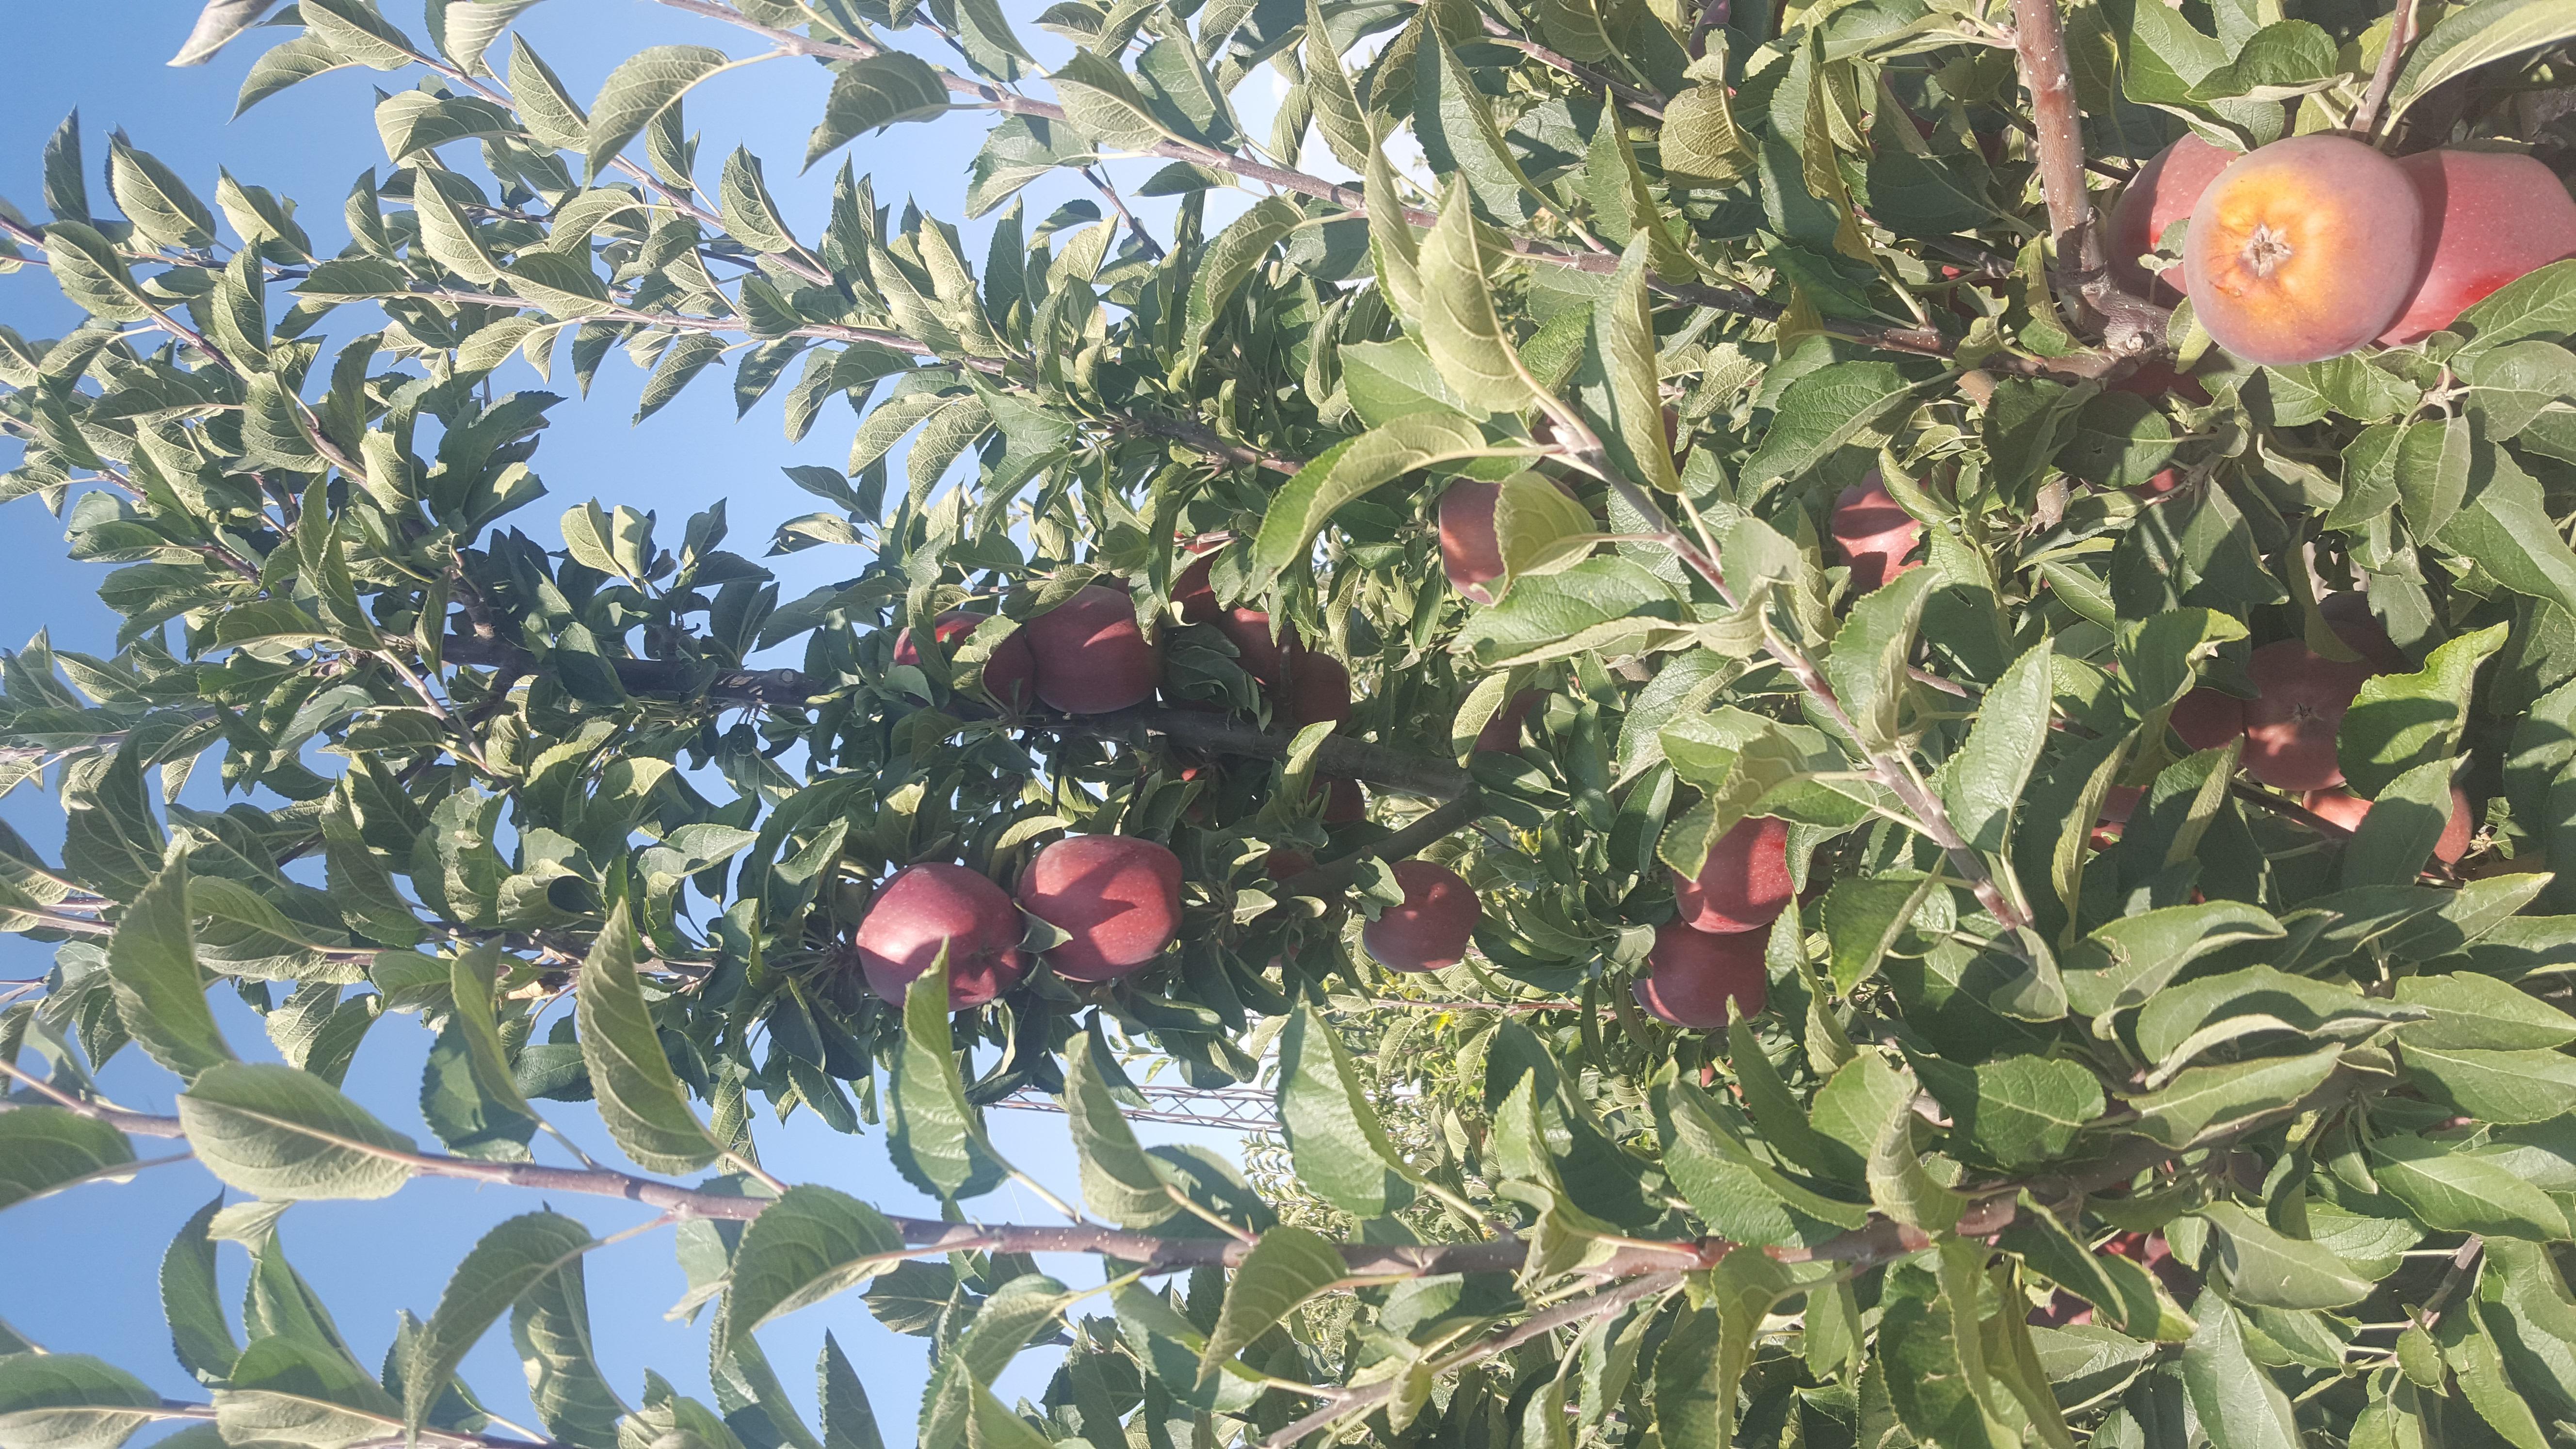 Elma - Üretici Şaban Akkoyun 2500 tl fiyat ile 200.000 kilogram golden delicious çeşidi elma satmak istiyor